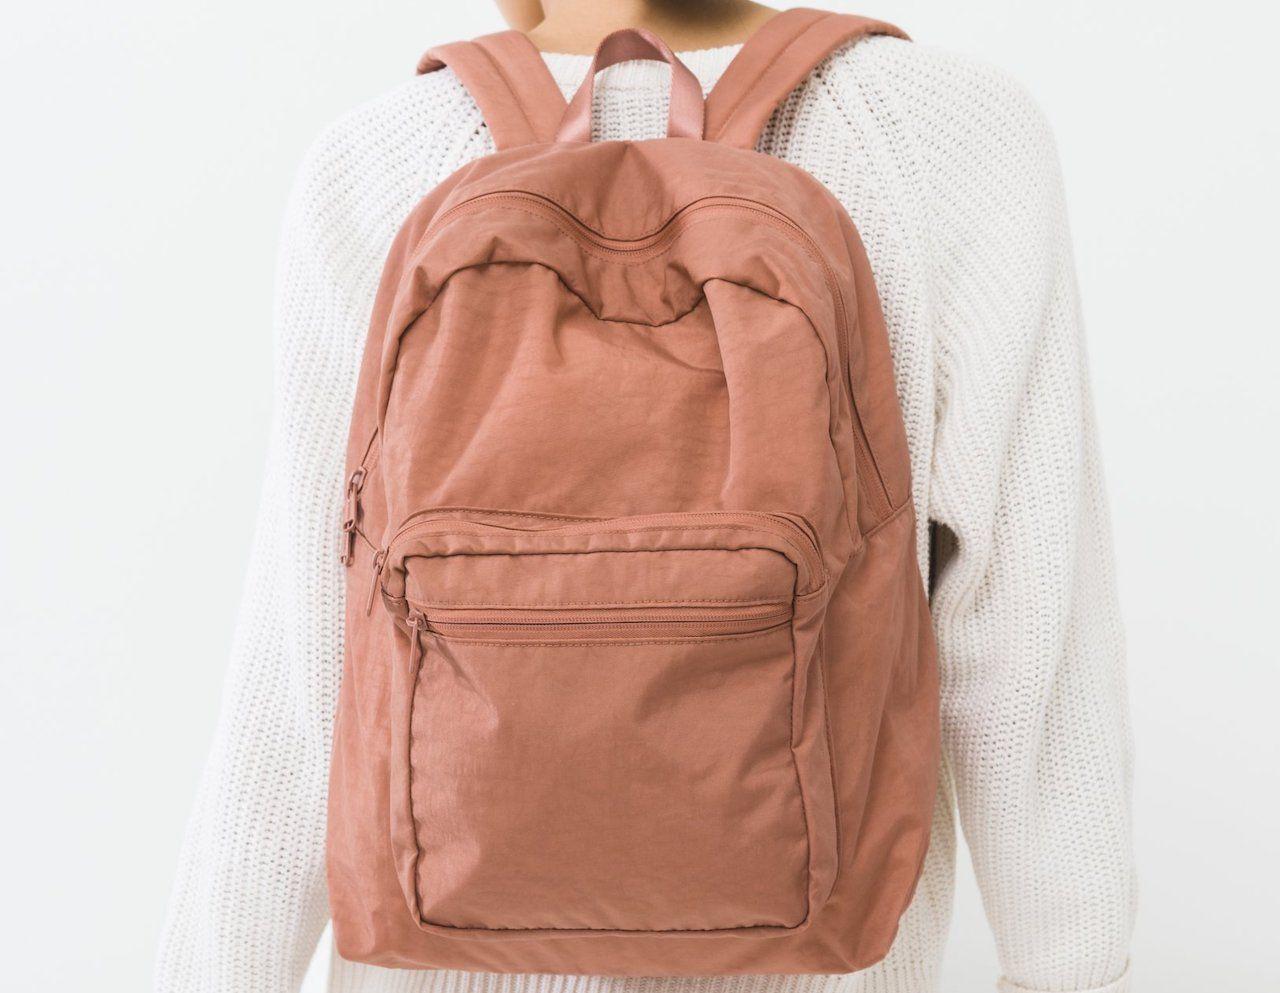 Baggu backpack for bartenders